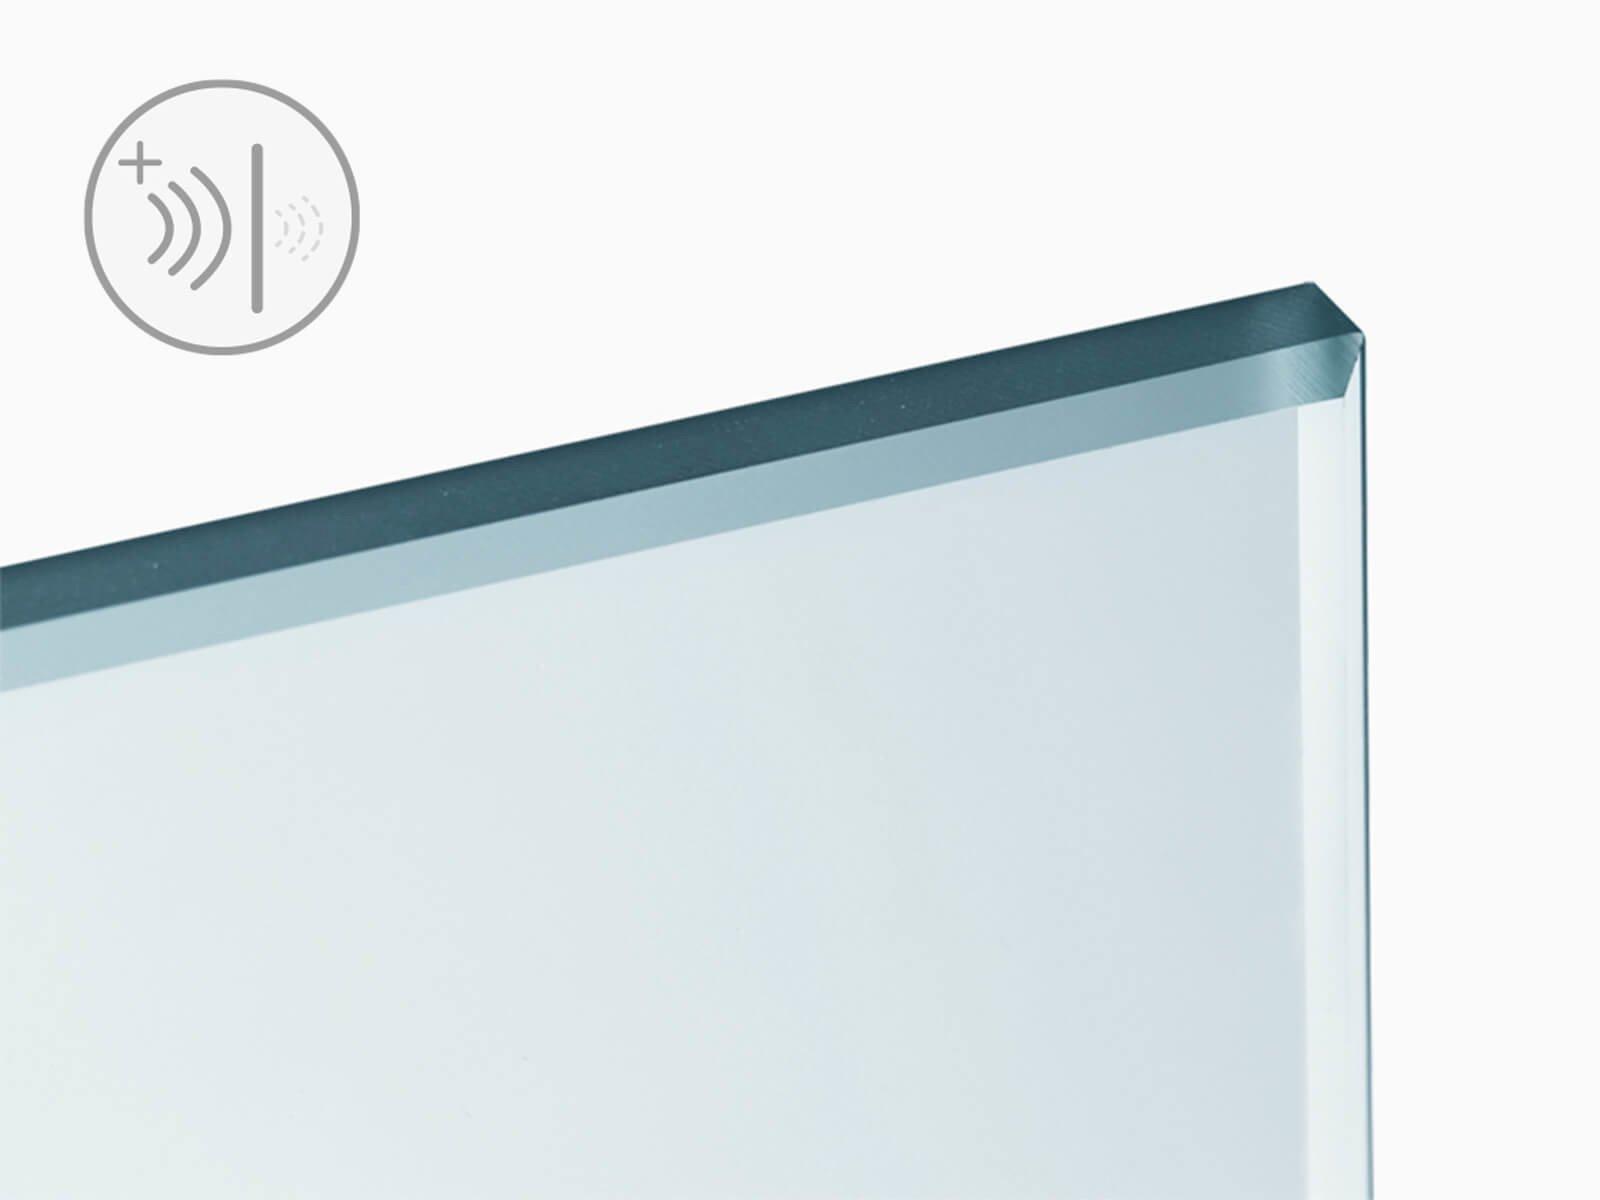 Illustration ESG Glasm mit Schallschutzsymbol